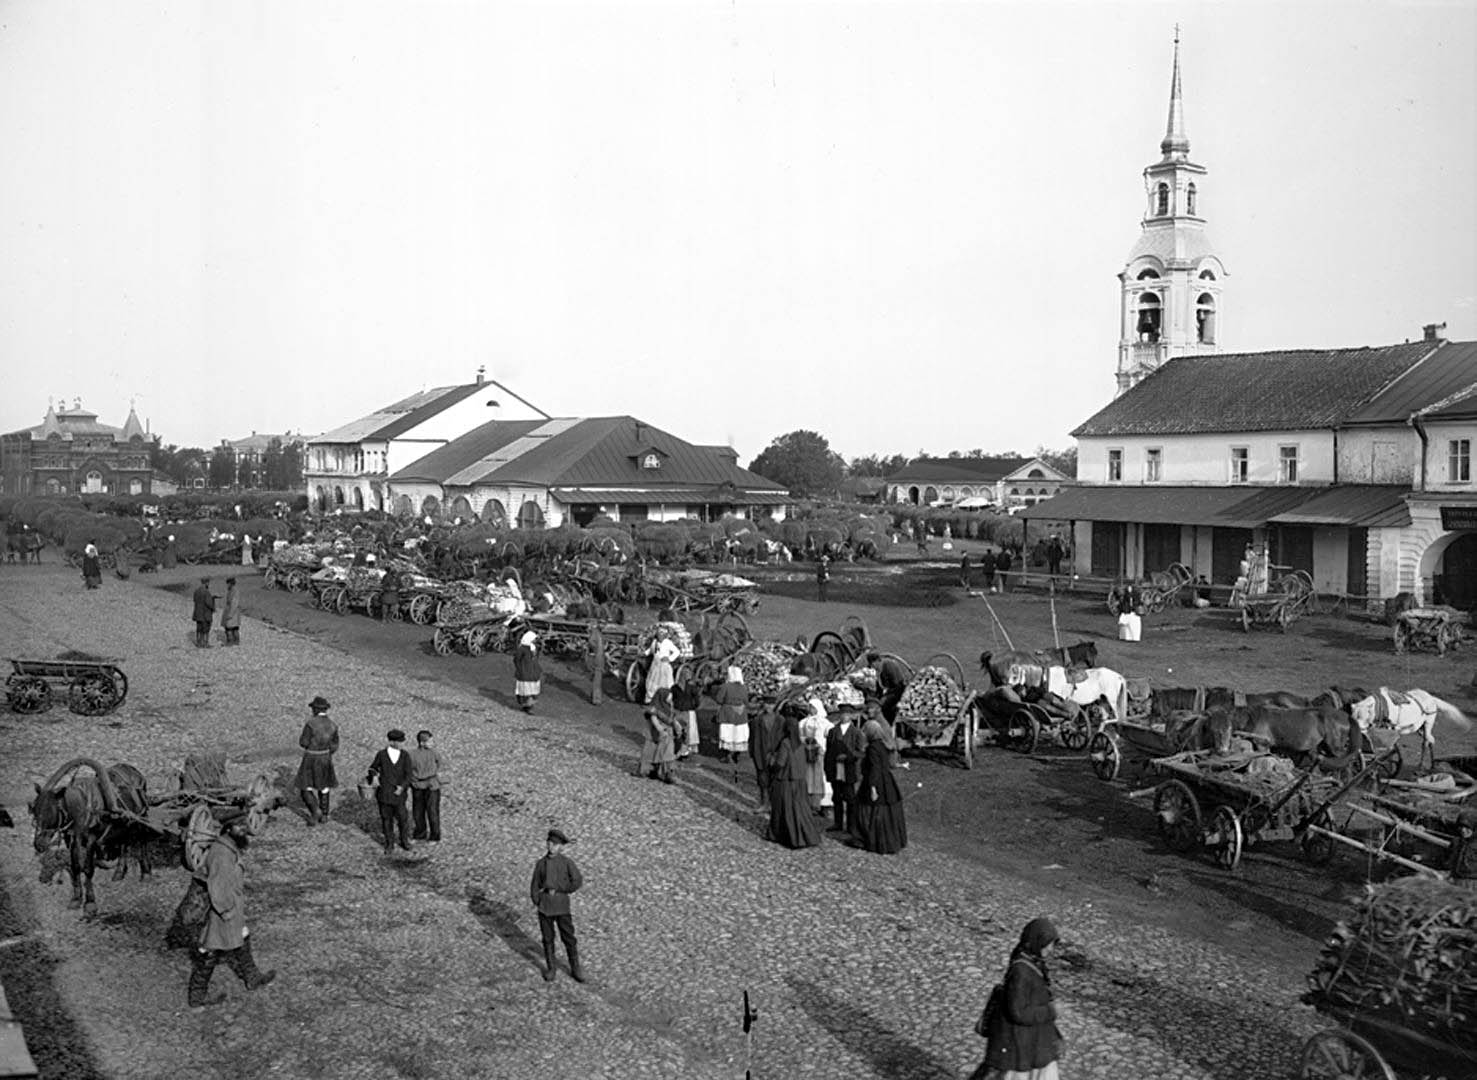 78Общий вид рыночной площади. 1903 г. г. Осташков, Тверская губерния